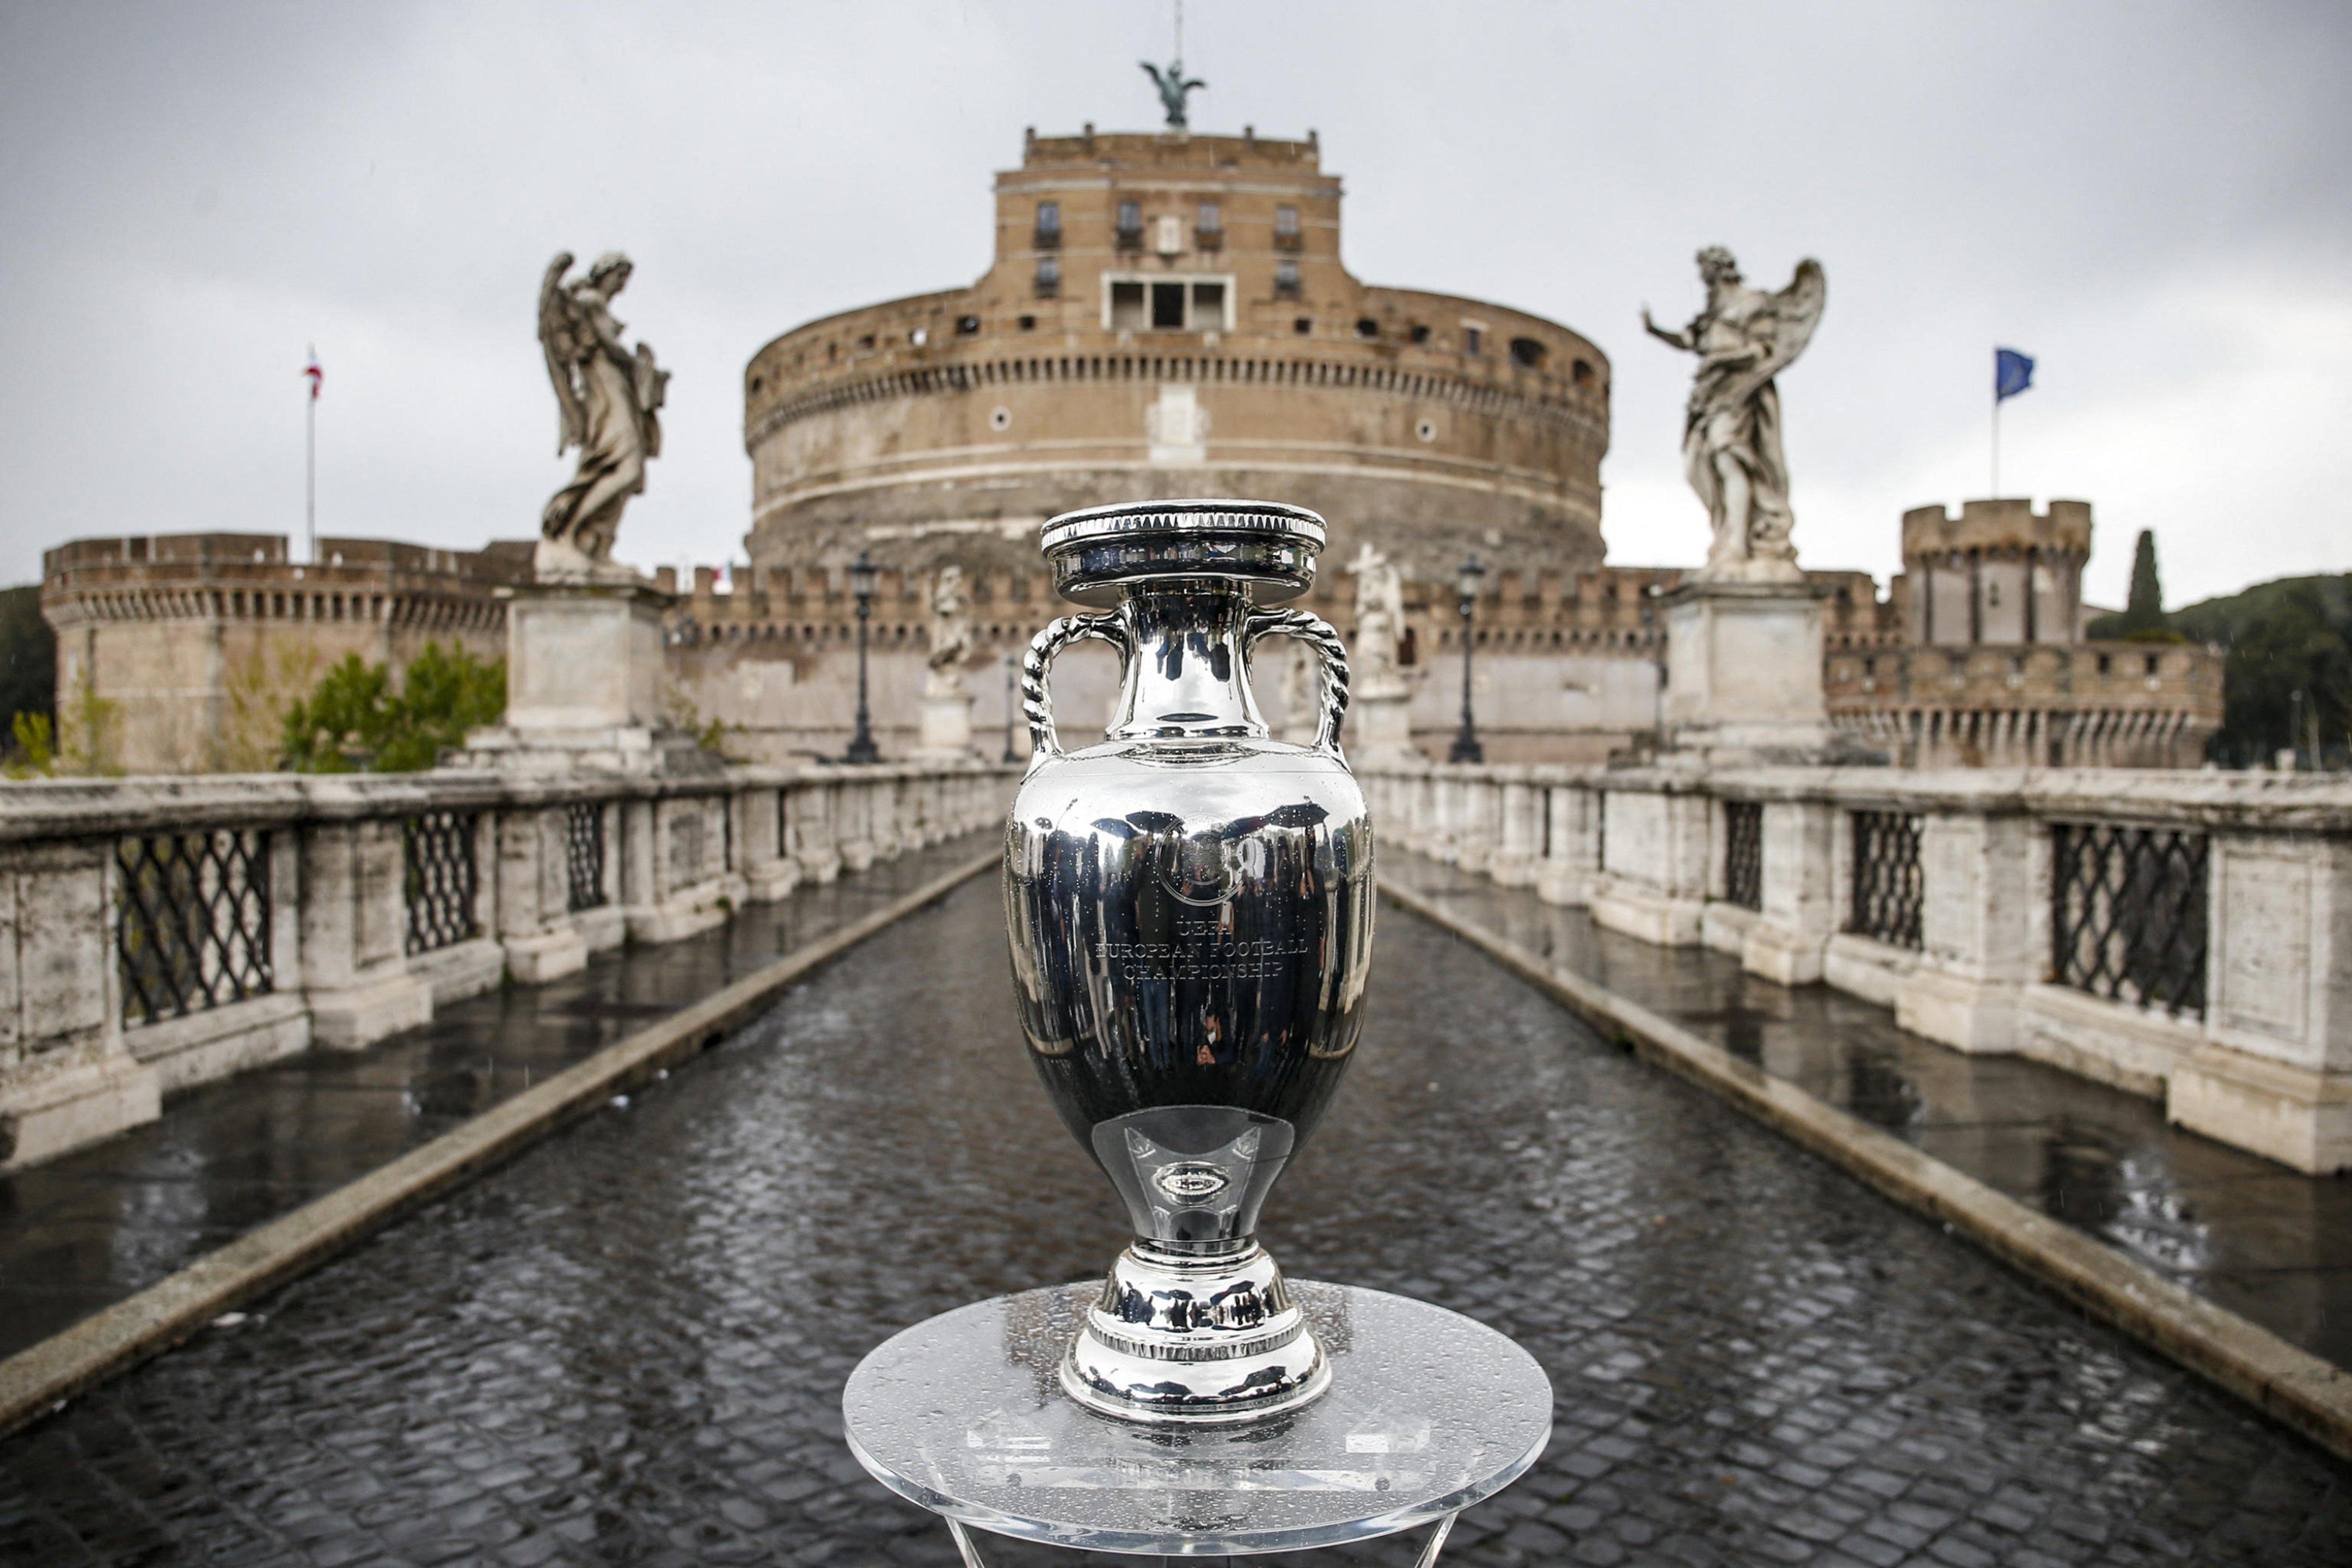 Маски, бронирование и сертификация: Рим возвращается к жизни до коронавируса с Евро-2020